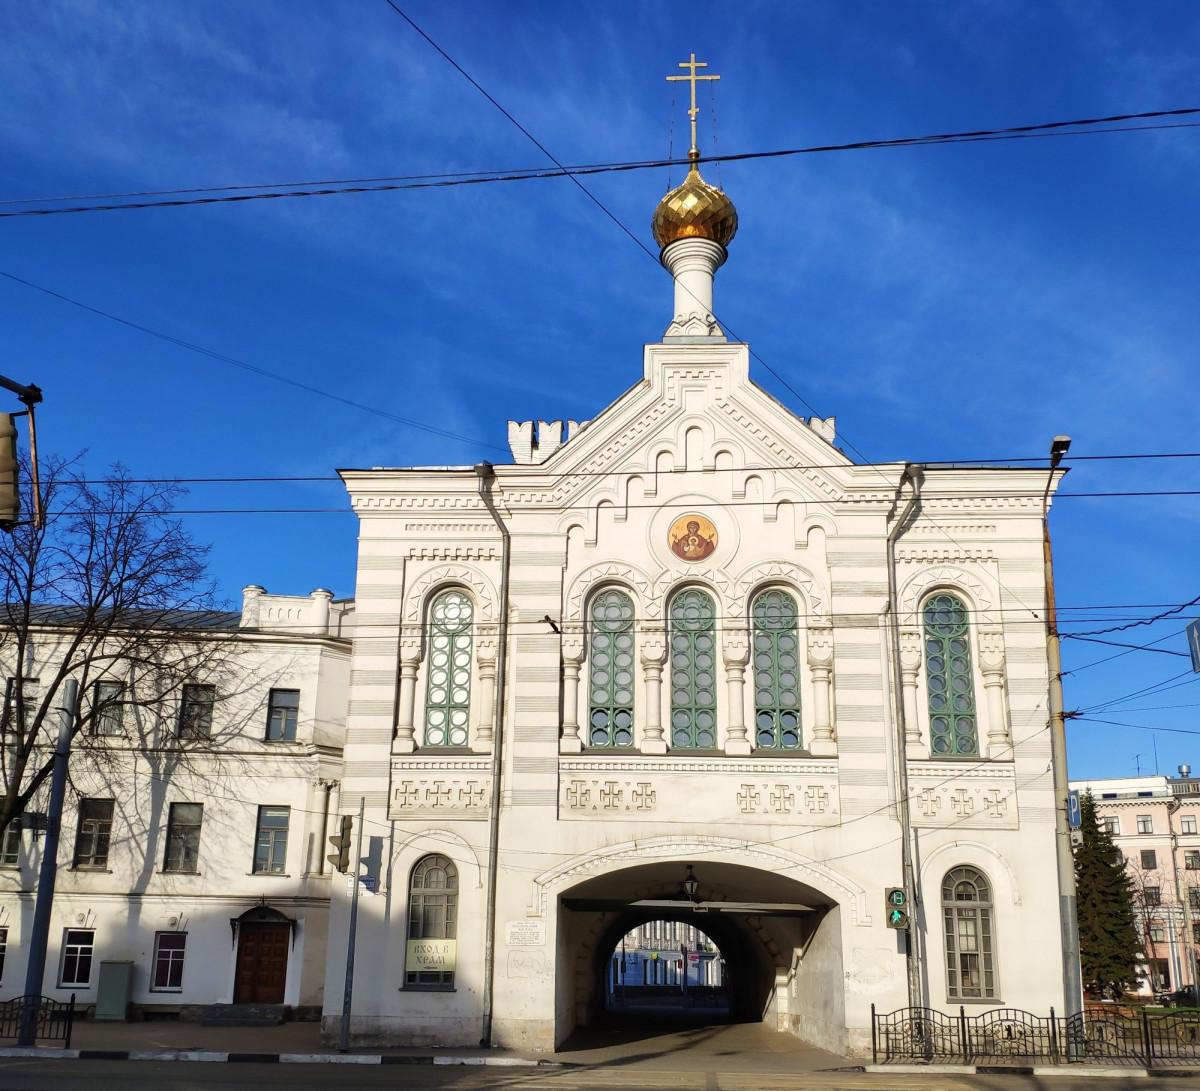 Фото: Власьевская башня и Знаменская церковь